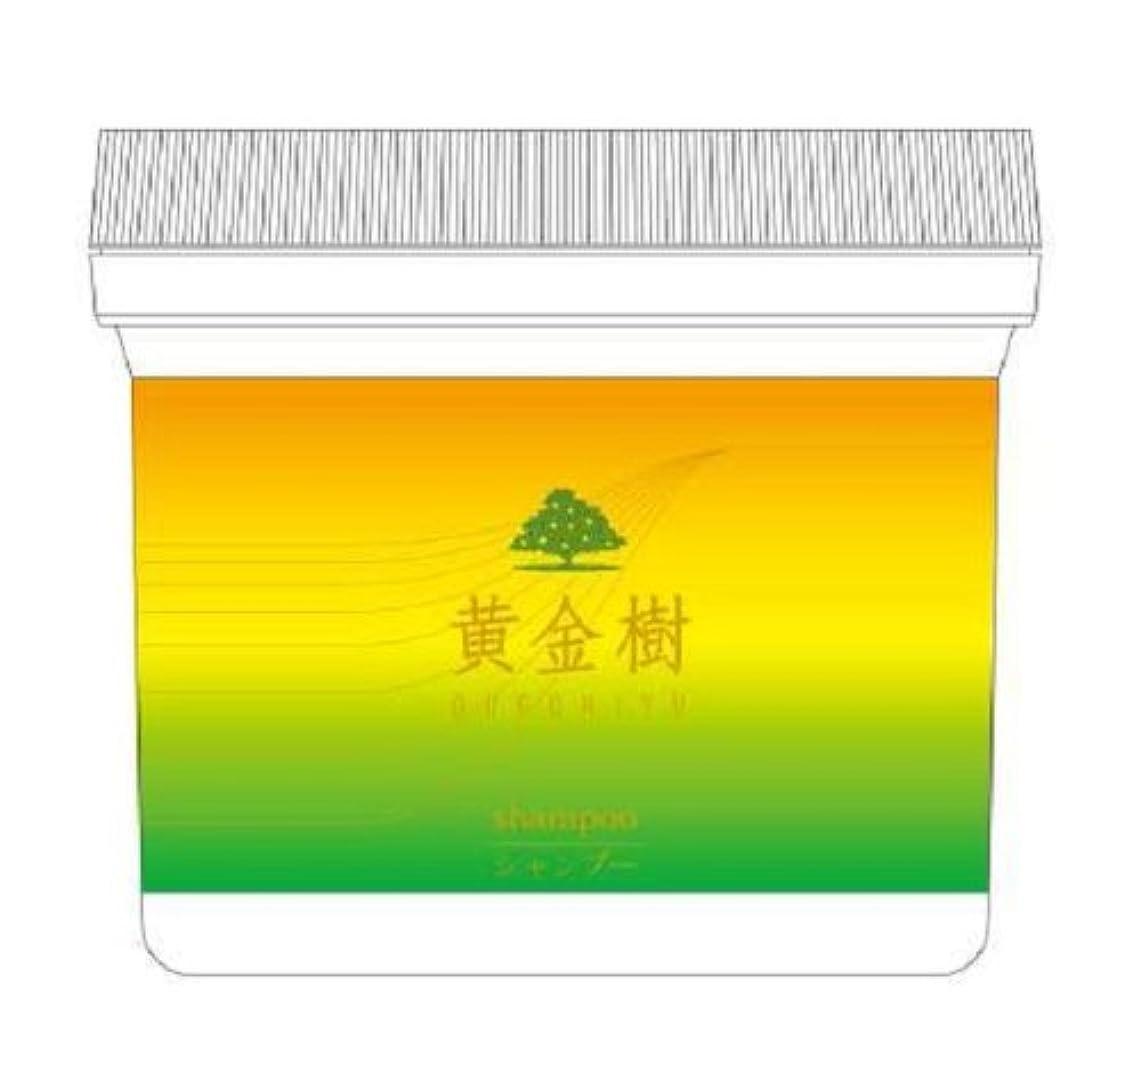 ヒギンズ毒性ディスカウント黄金樹 シャンプー 400g